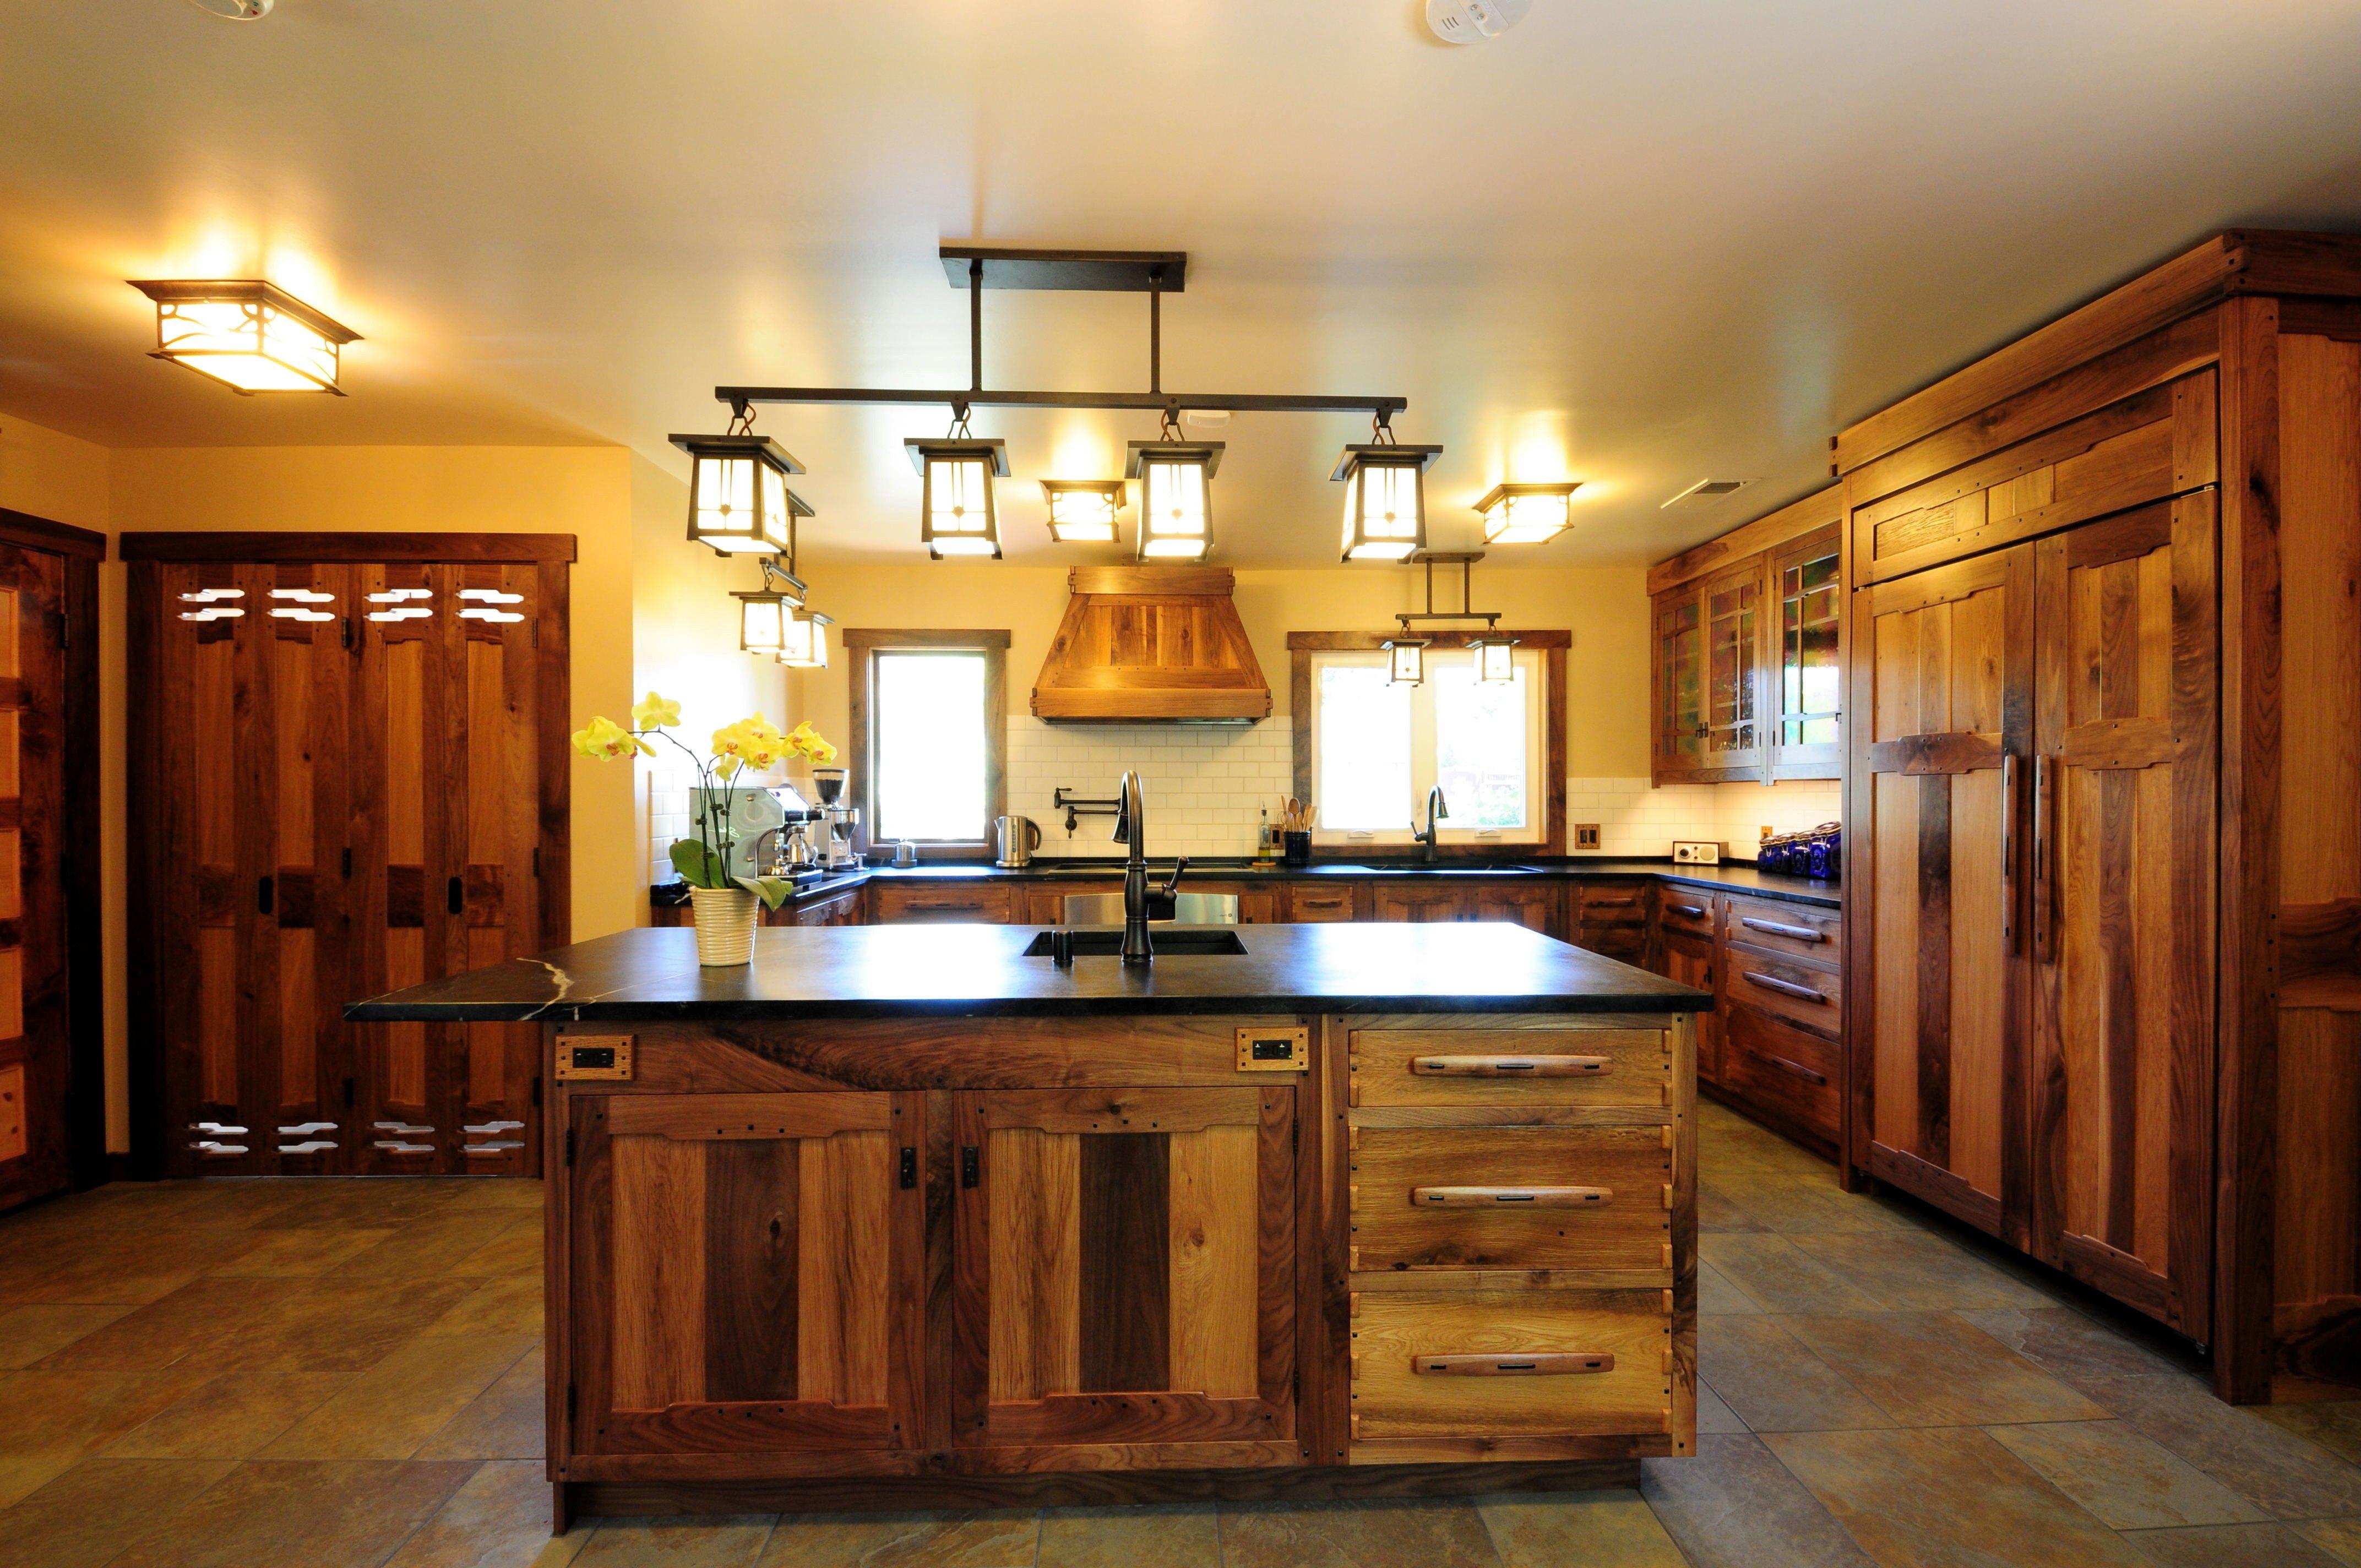 Overhead Küche Beleuchtung | Küche | Pinterest | Beleuchtung ...